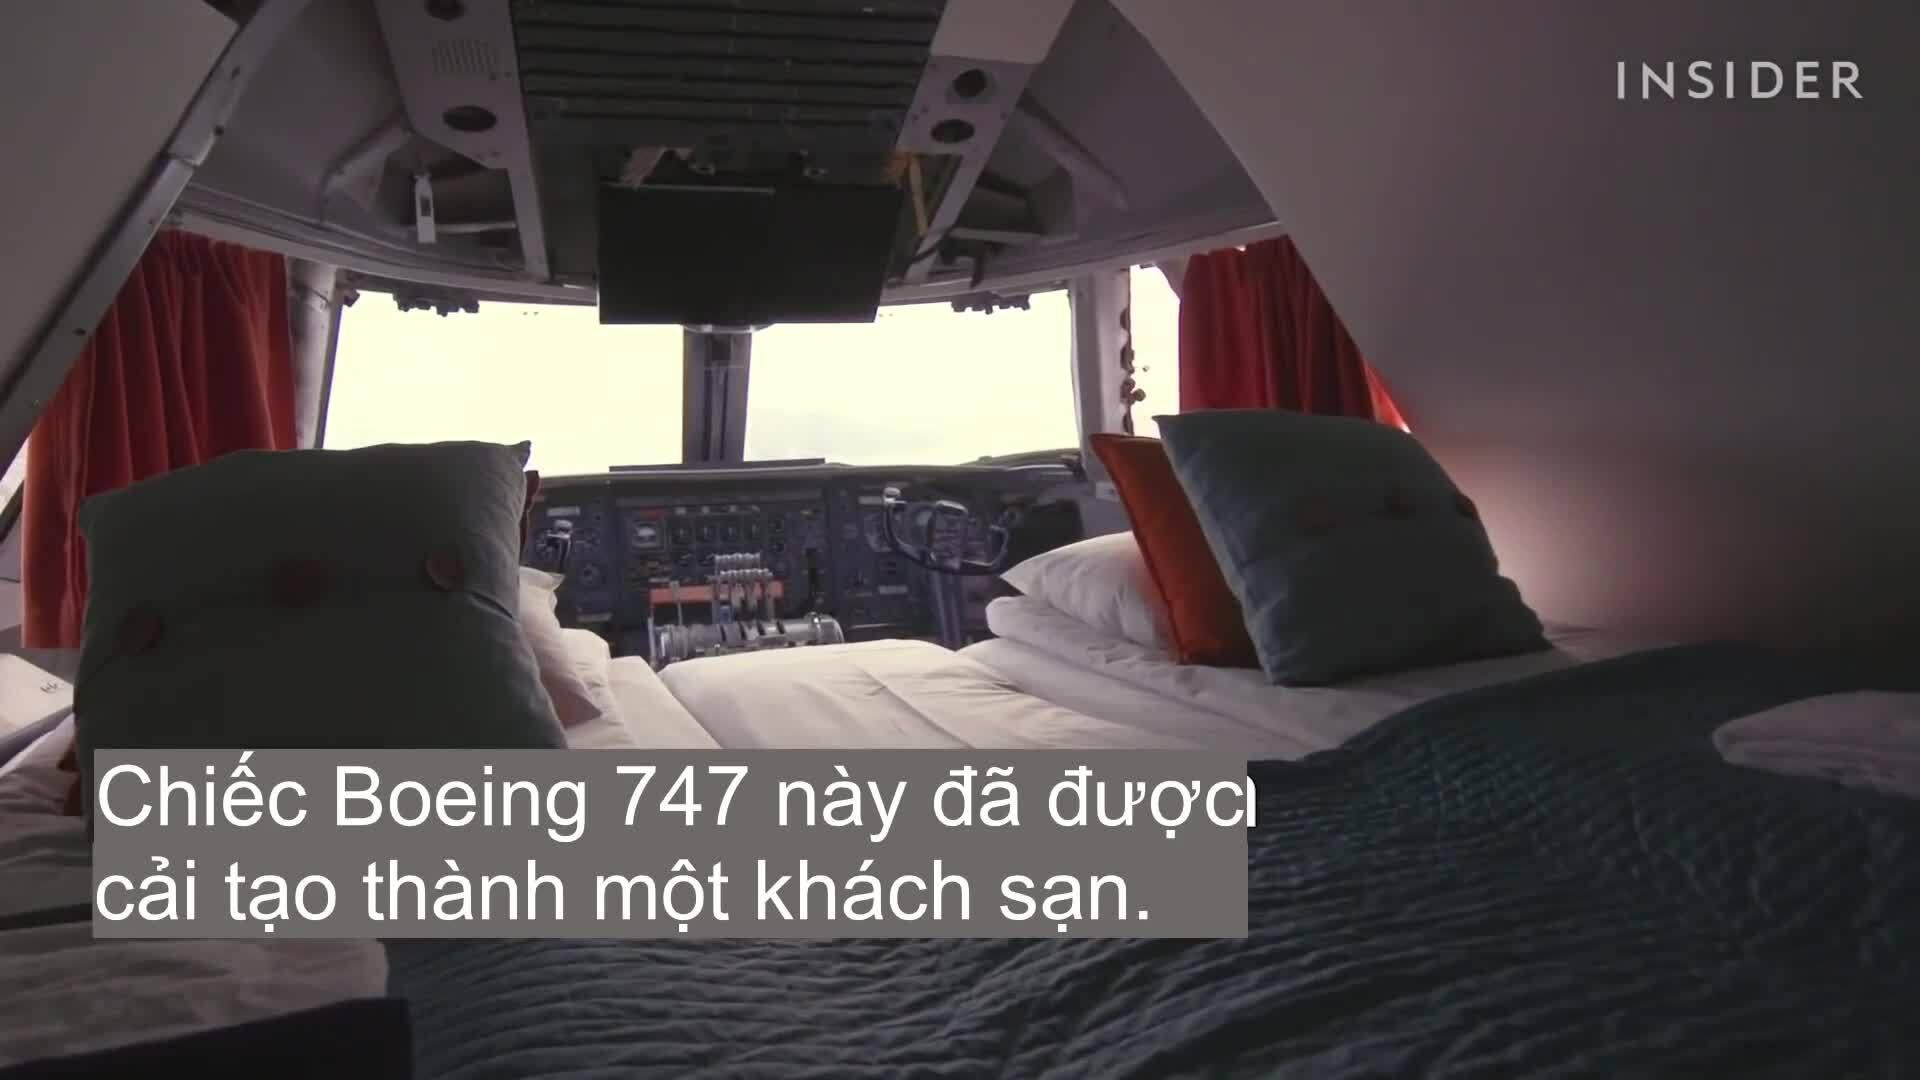 Khách sạn sang chảnh bên trong máy bay Boeing 747